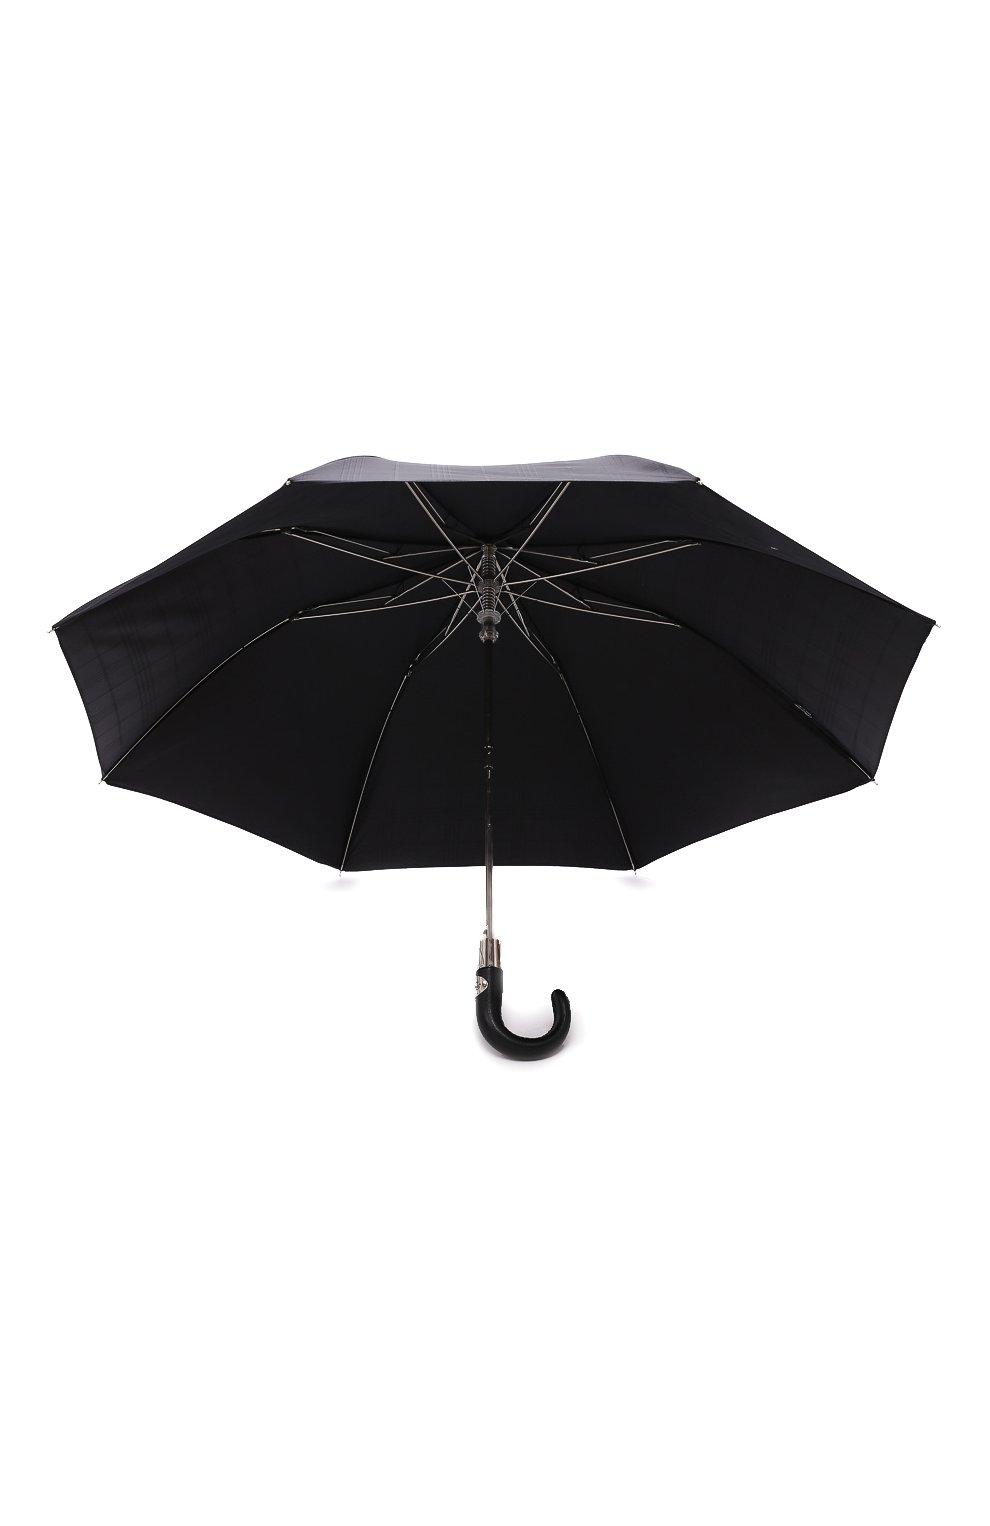 Мужской складной зонт PASOTTI OMBRELLI черного цвета, арт. 64S/RAS0 6434/19/PELLE D0LLAR0 | Фото 3 (Материал: Текстиль, Синтетический материал, Металл)